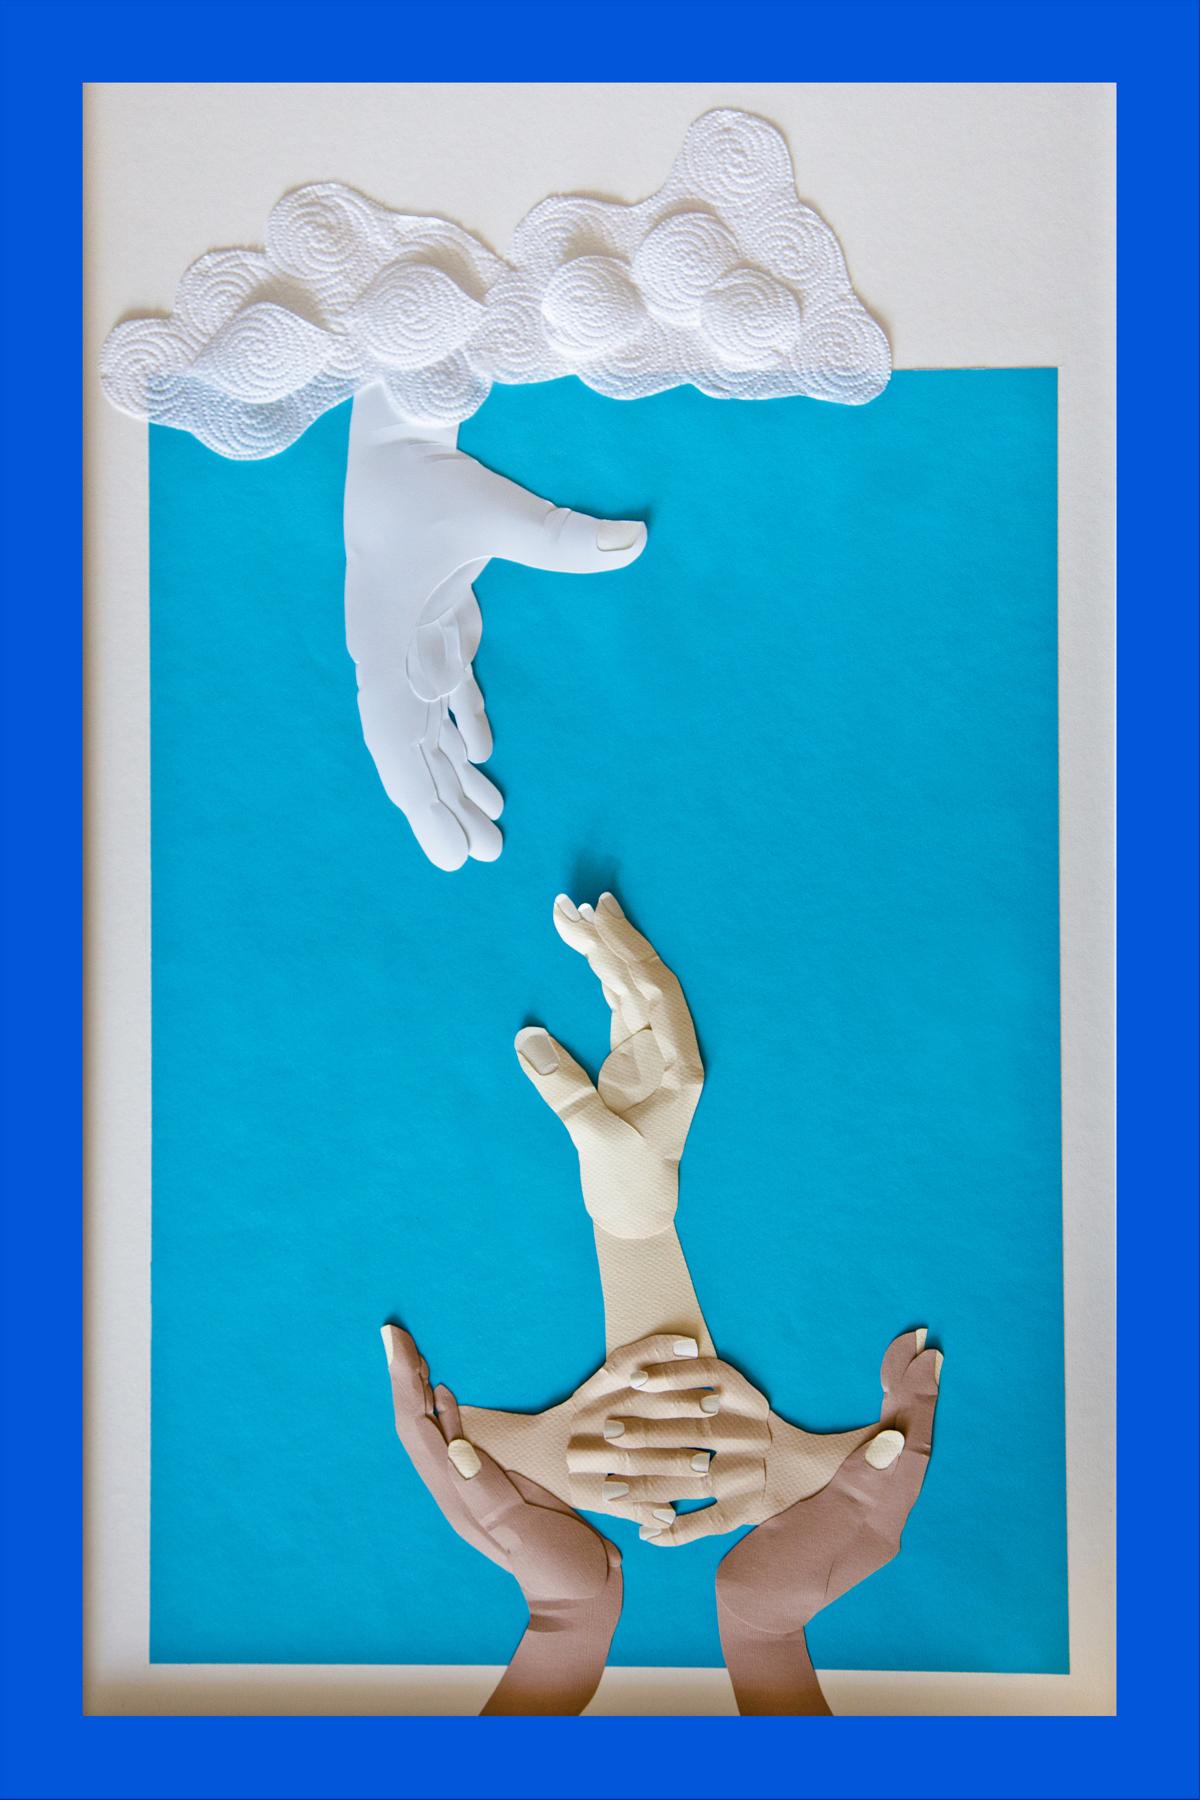 #8 Reach